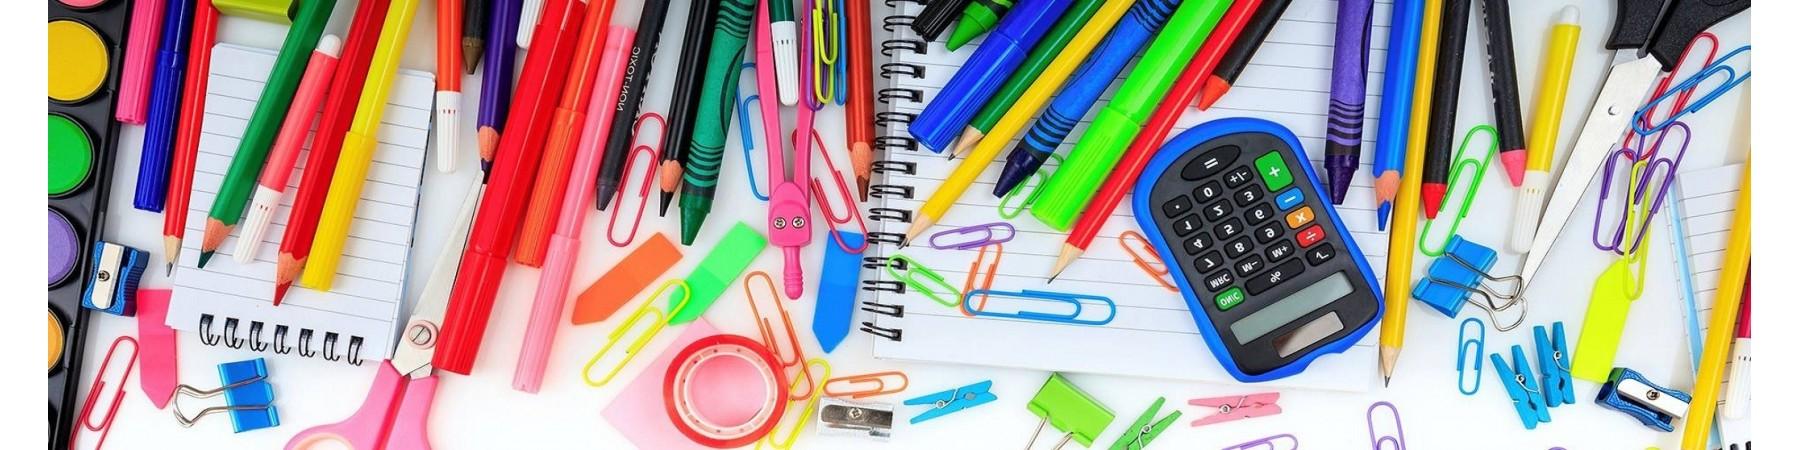 Đồ dùng,dụng cụ học tập học sinh,sinh viên.Giá rẻ